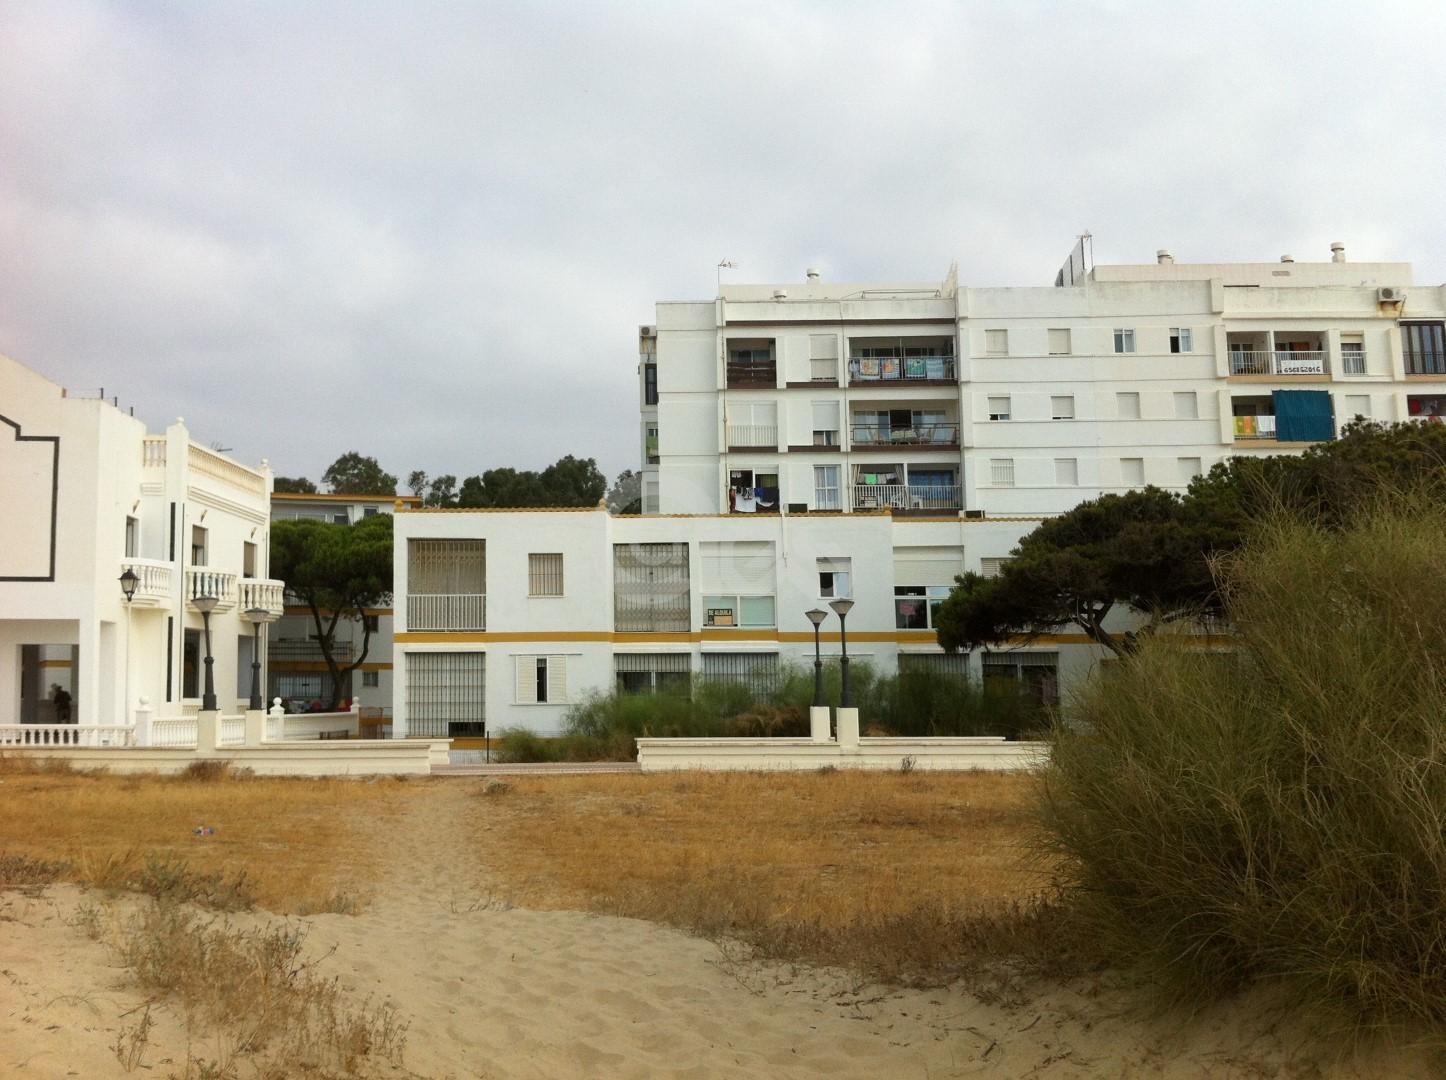 Vacaciones a pie de playa en Isla Cristina